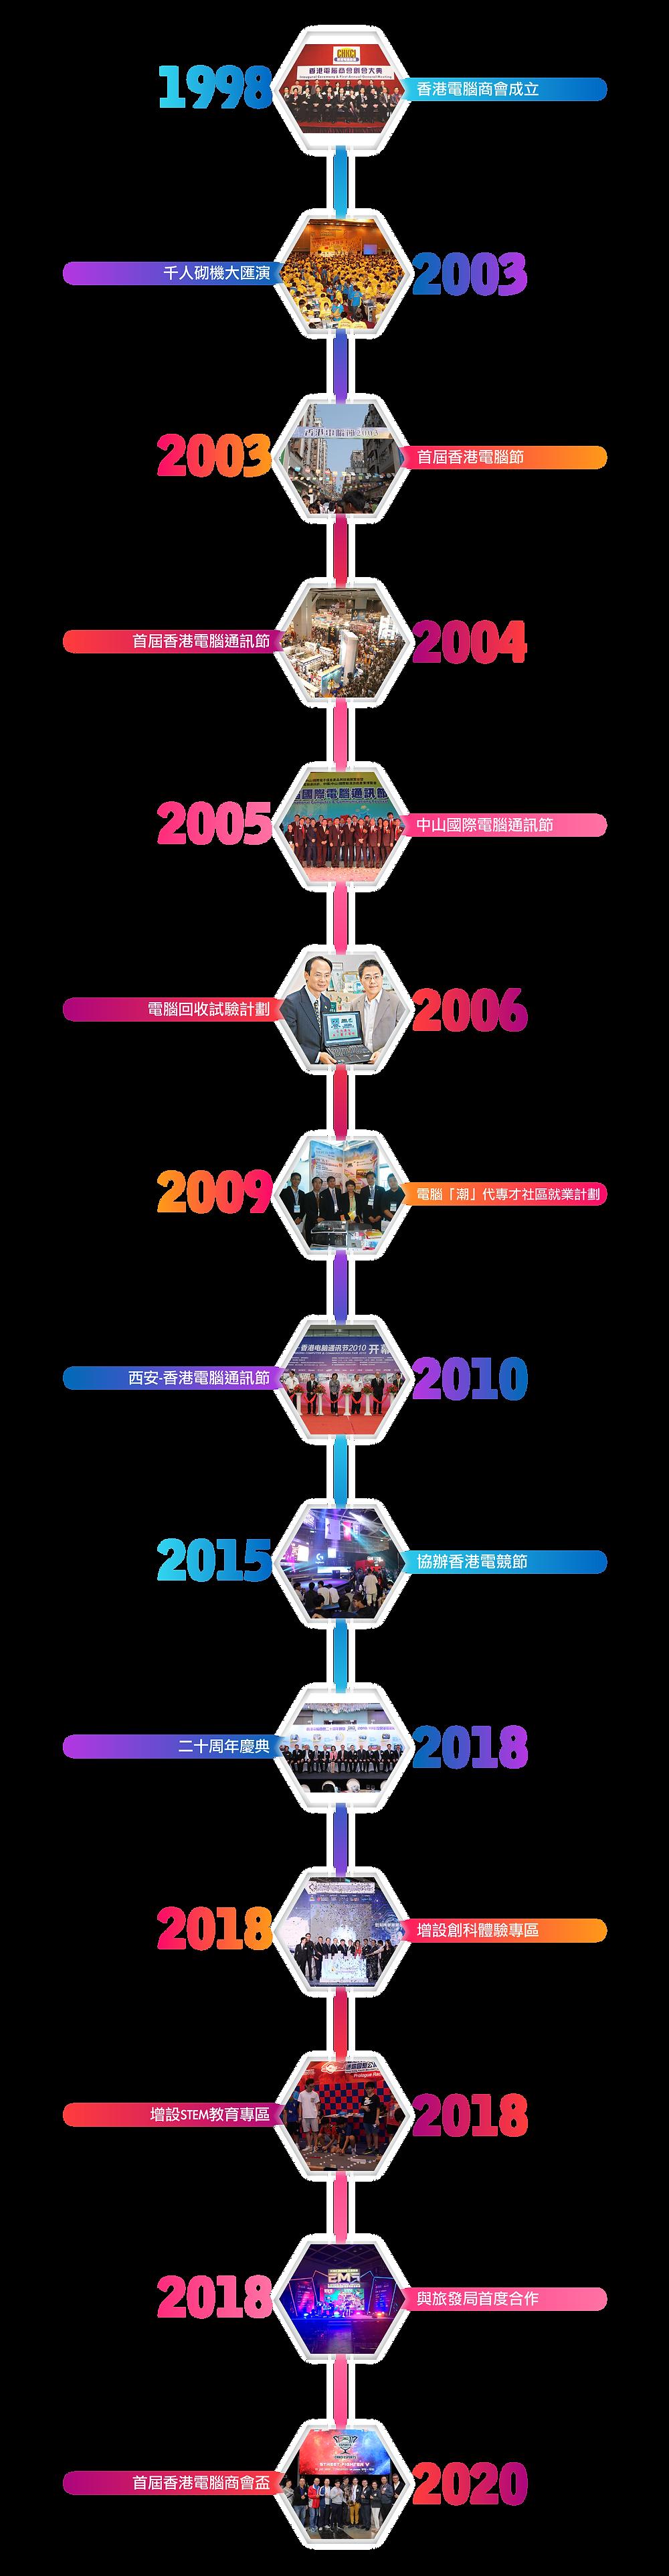 Timeline-03.png